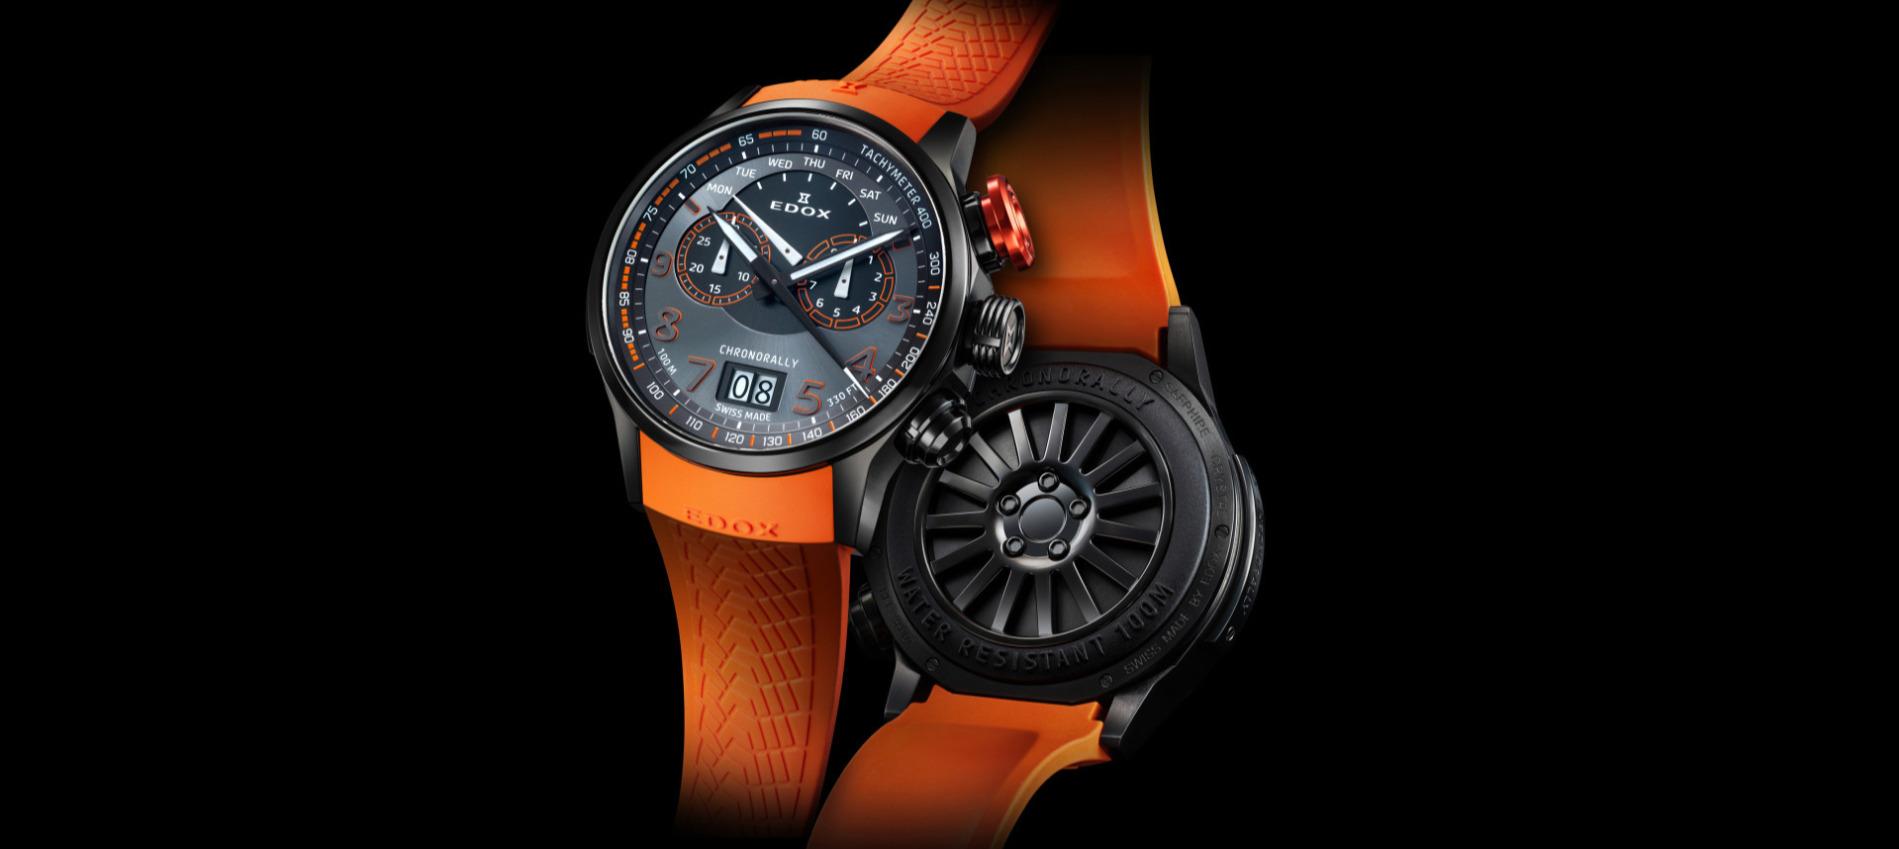 595827cc7 EDOX - švýcarské hodinky